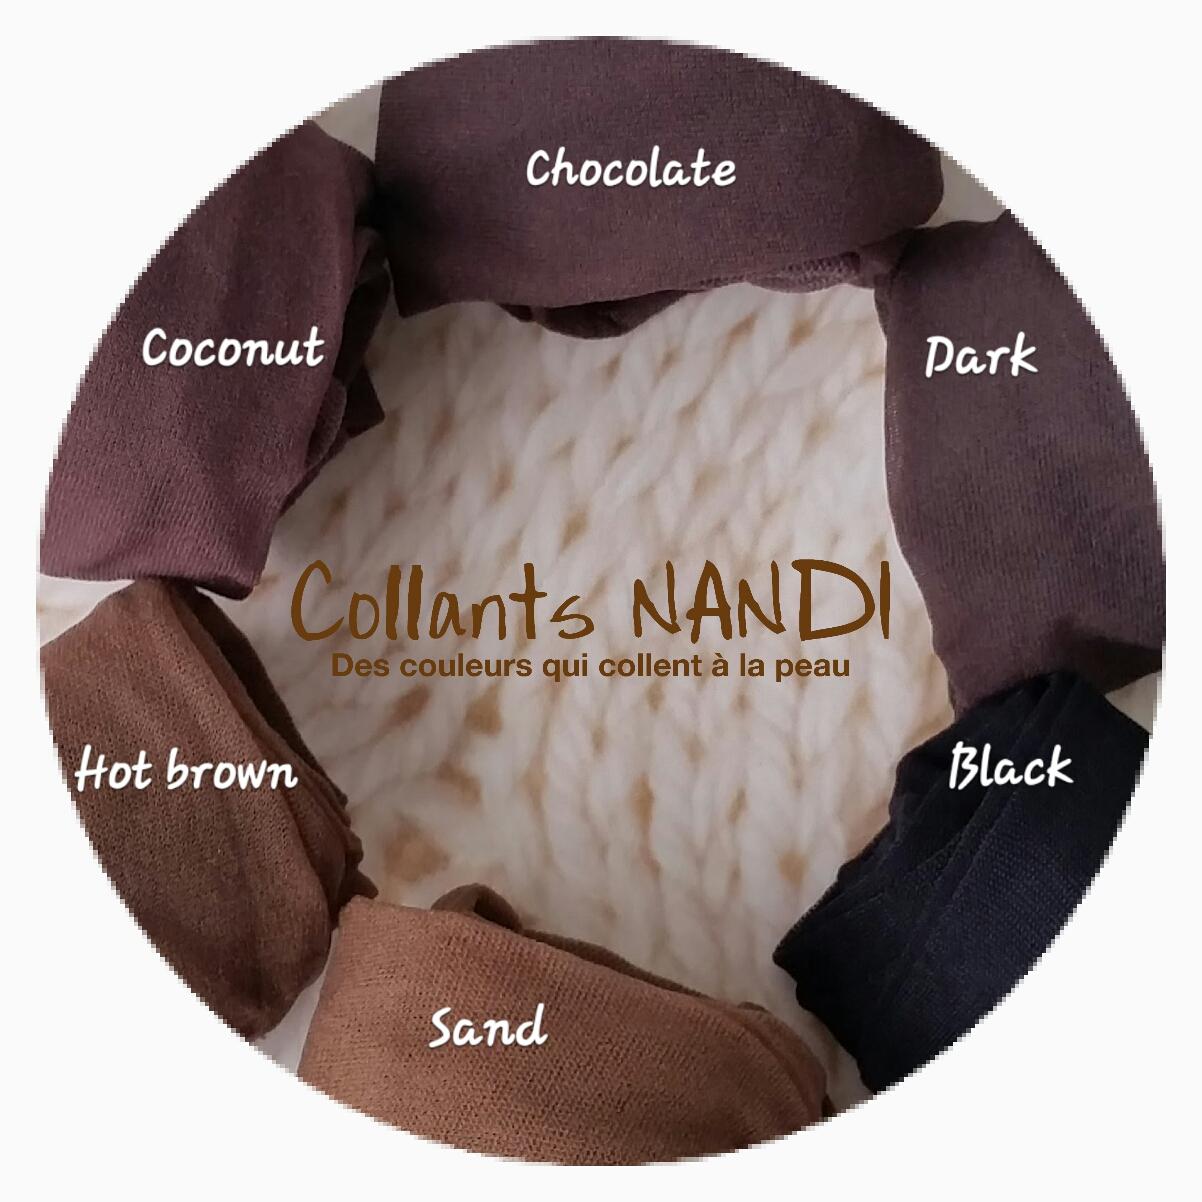 nouvelle collection les mieux notés gamme complète d'articles ACCUEIL DU SITE Collants NANDI, pour peaux noires et metissees